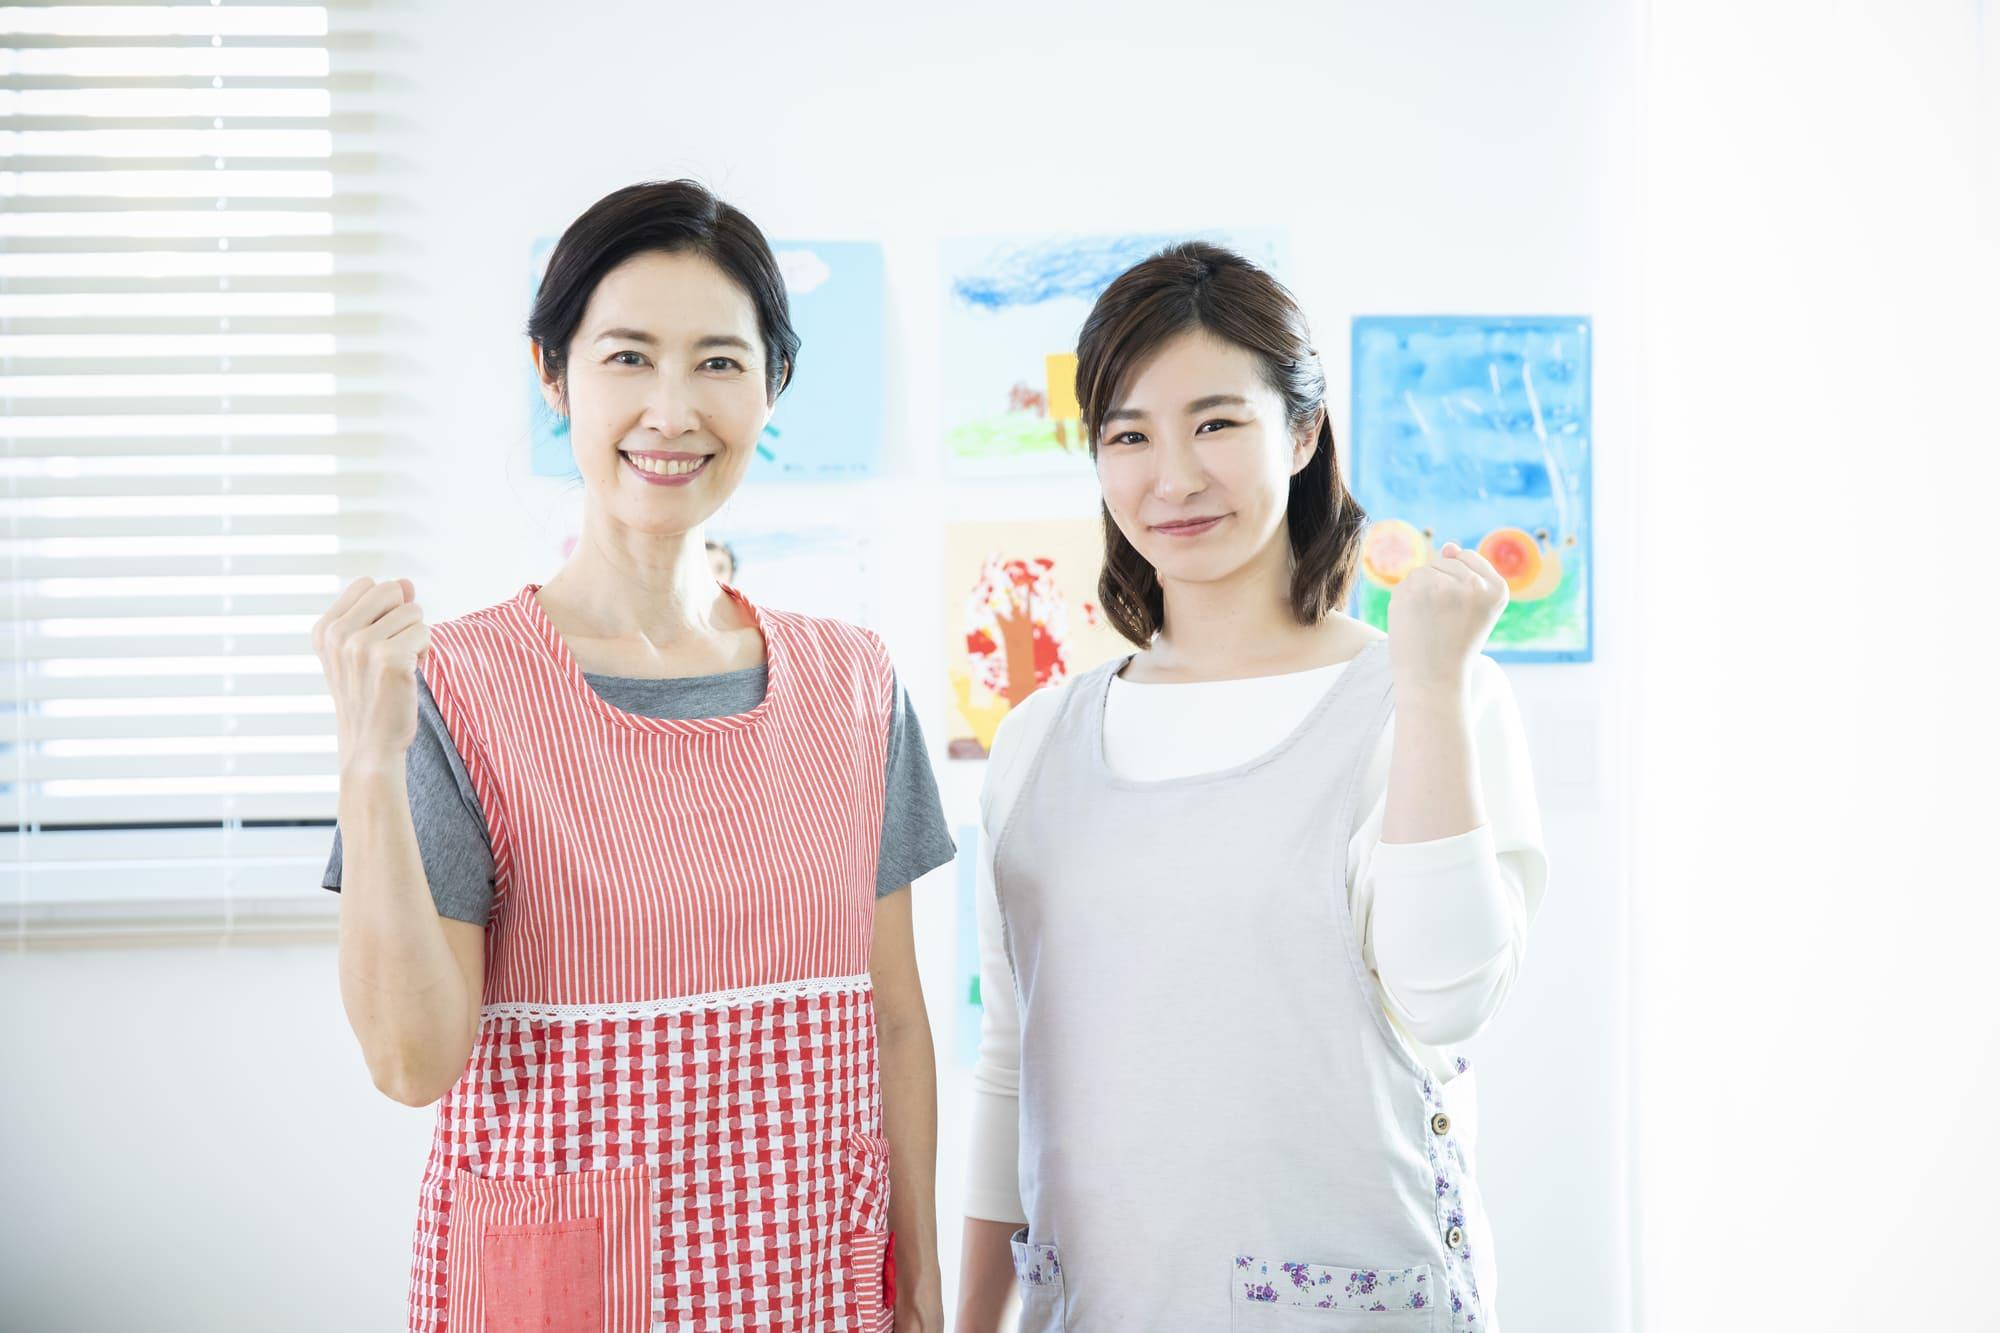 文京区は子育て講習会や学べる施設が充実